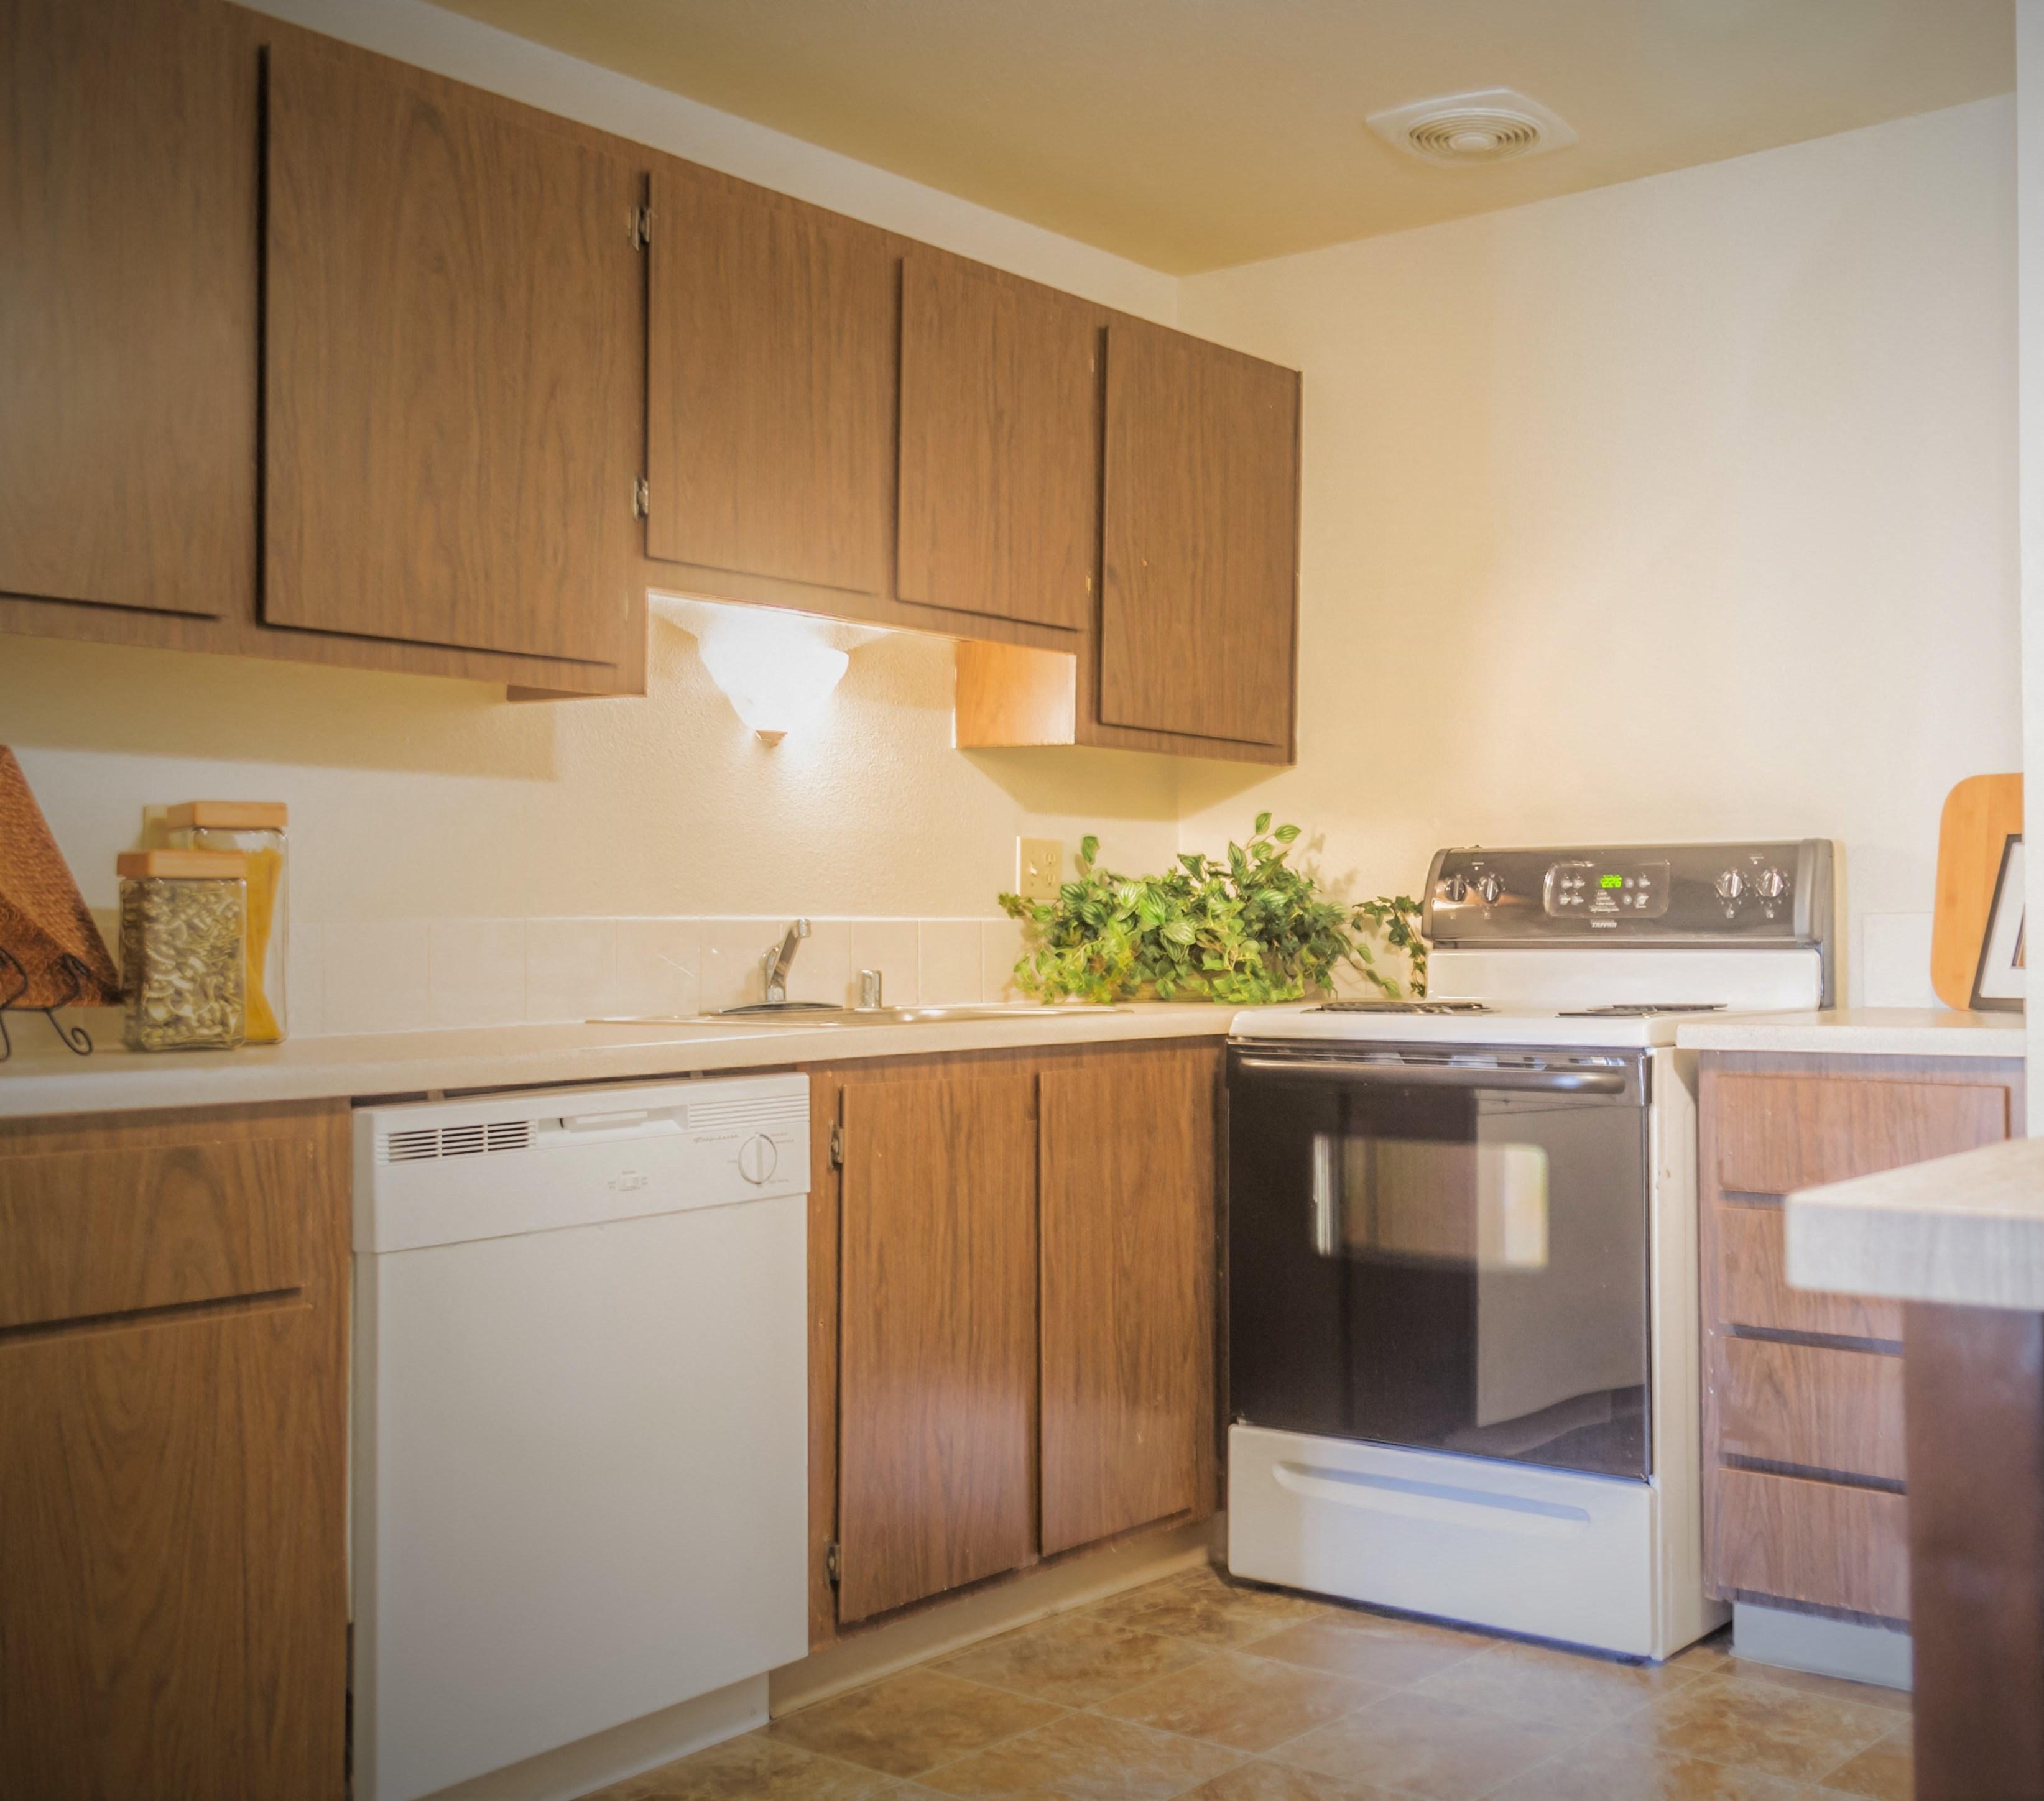 Richland, WA Maple Ridge kitchen